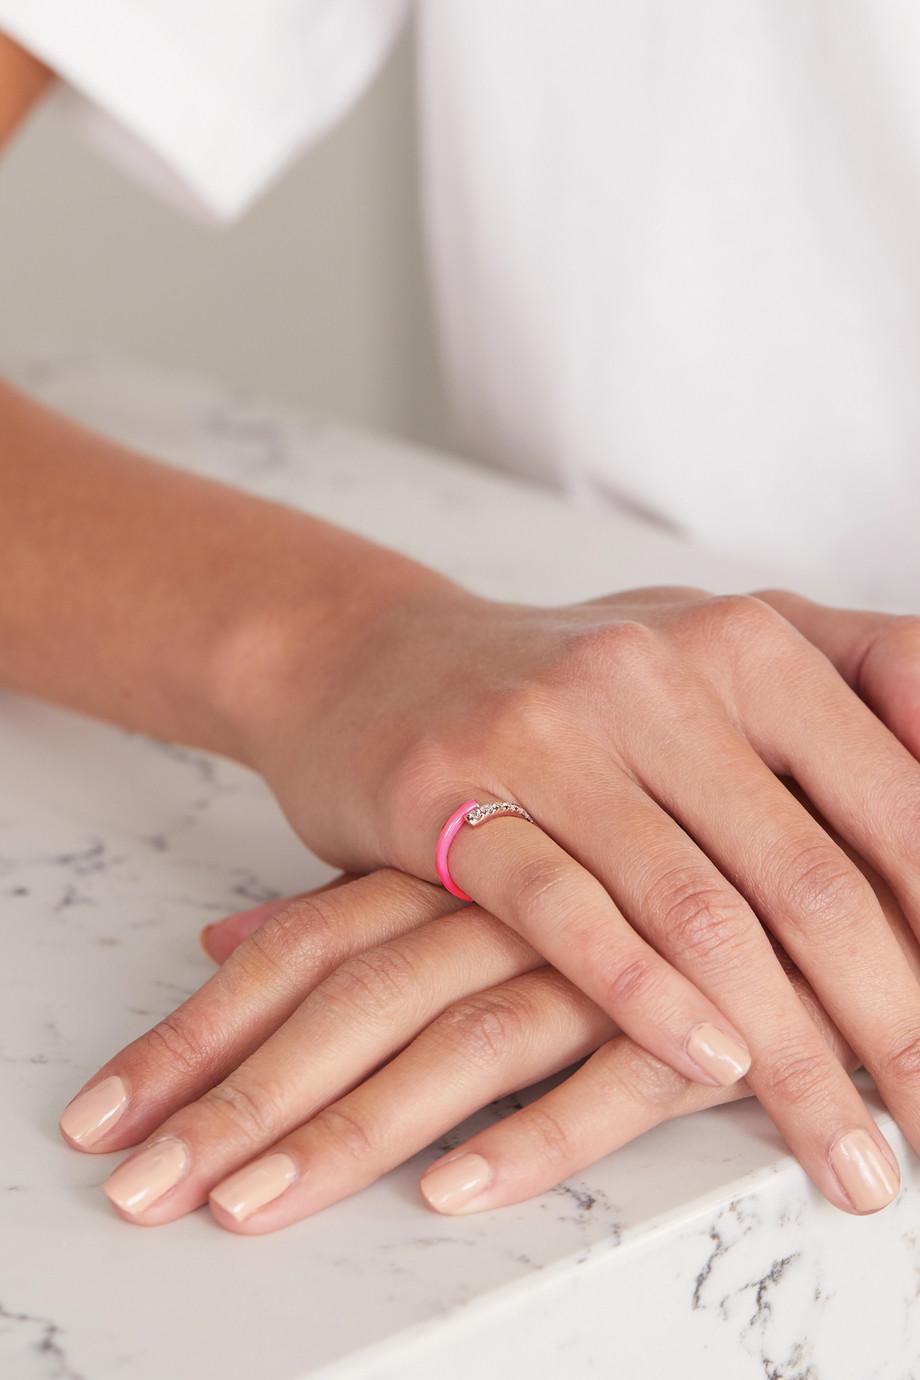 Melissa Kaye Lola 18-karat rose gold, diamond and enamel pinky ring